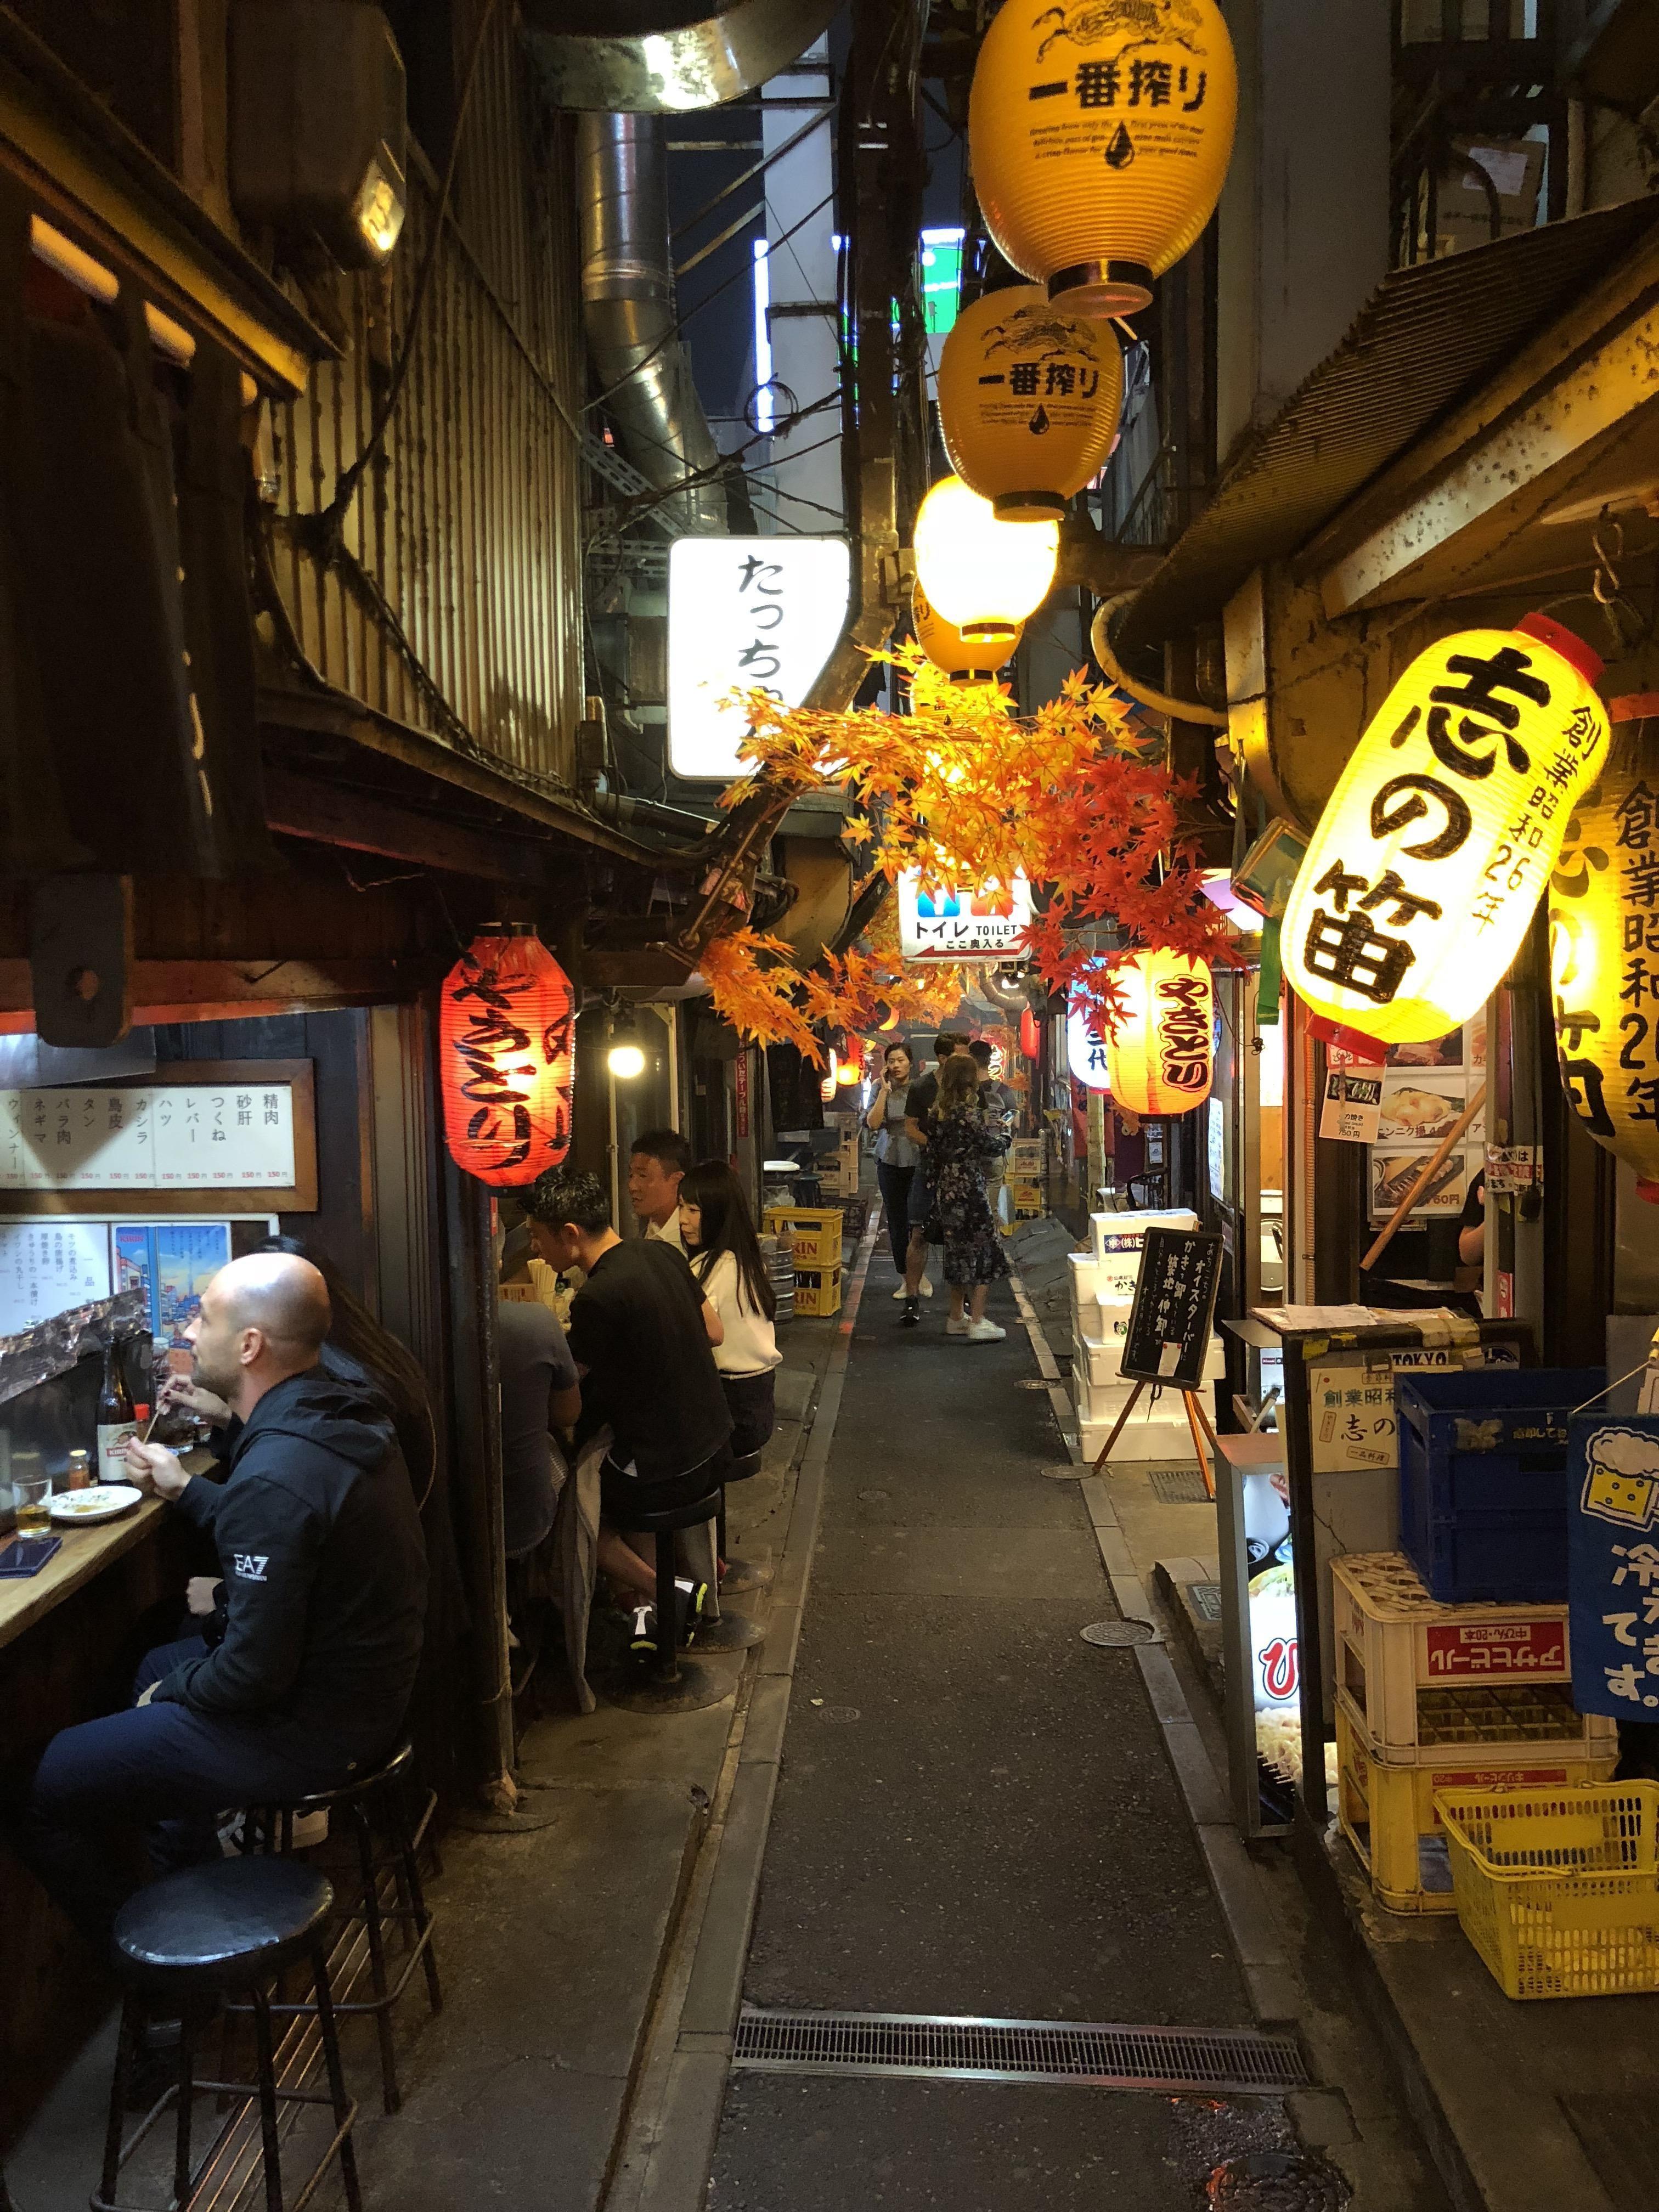 Food stalls along de alleyway in tokyo japan japan